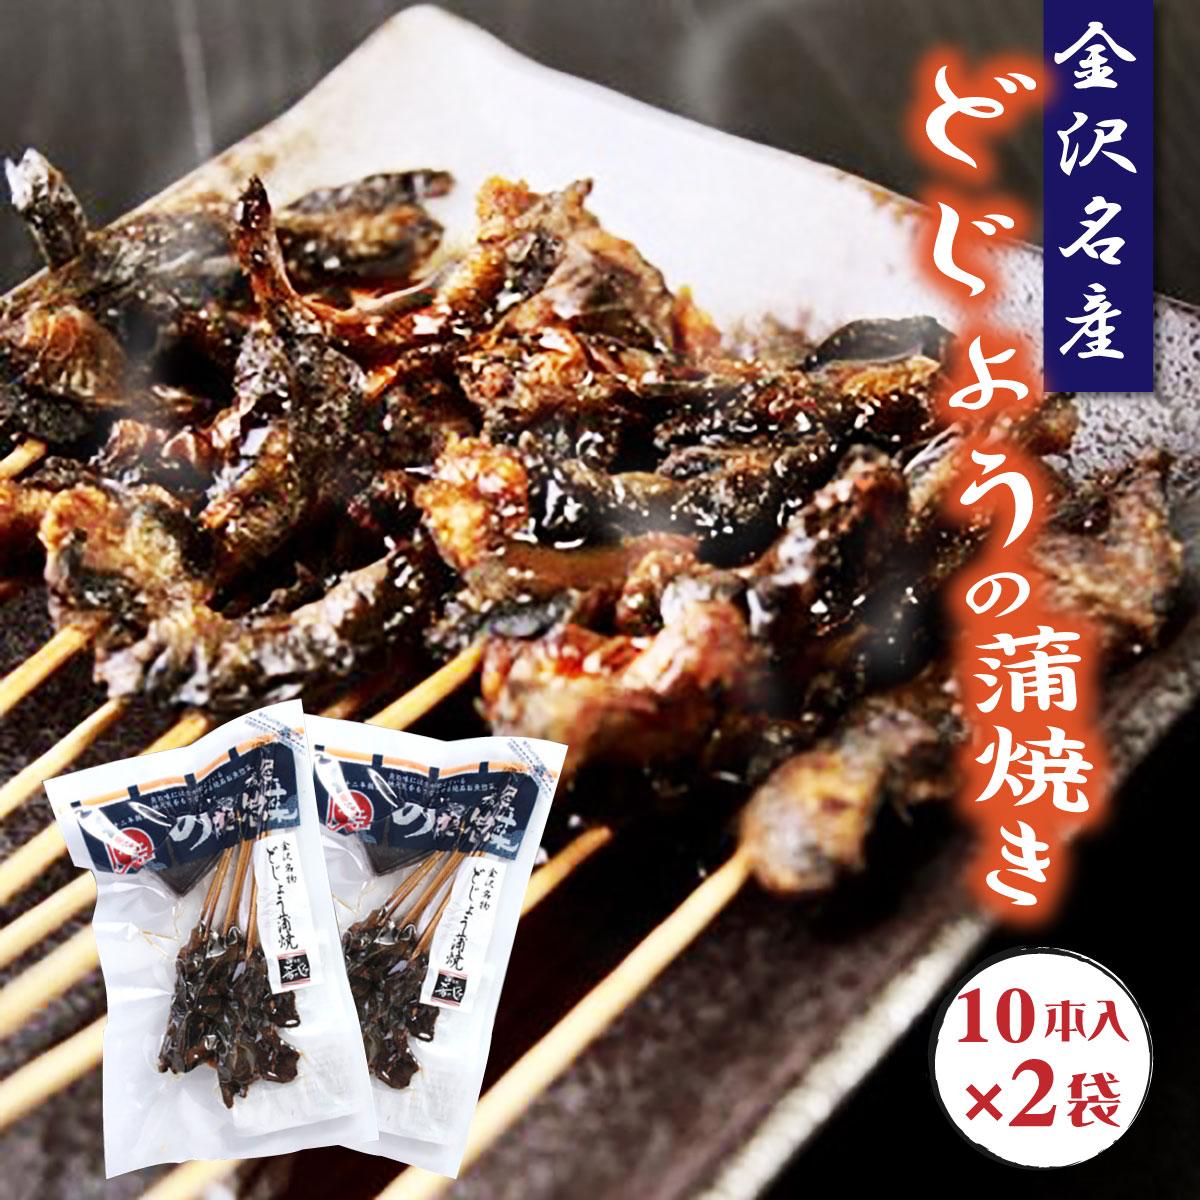 日本海産 いしり仕立て こだわりの一夜干しセット (4種) のどぐろ さば あじ するめいか 新鮮 一夜干し